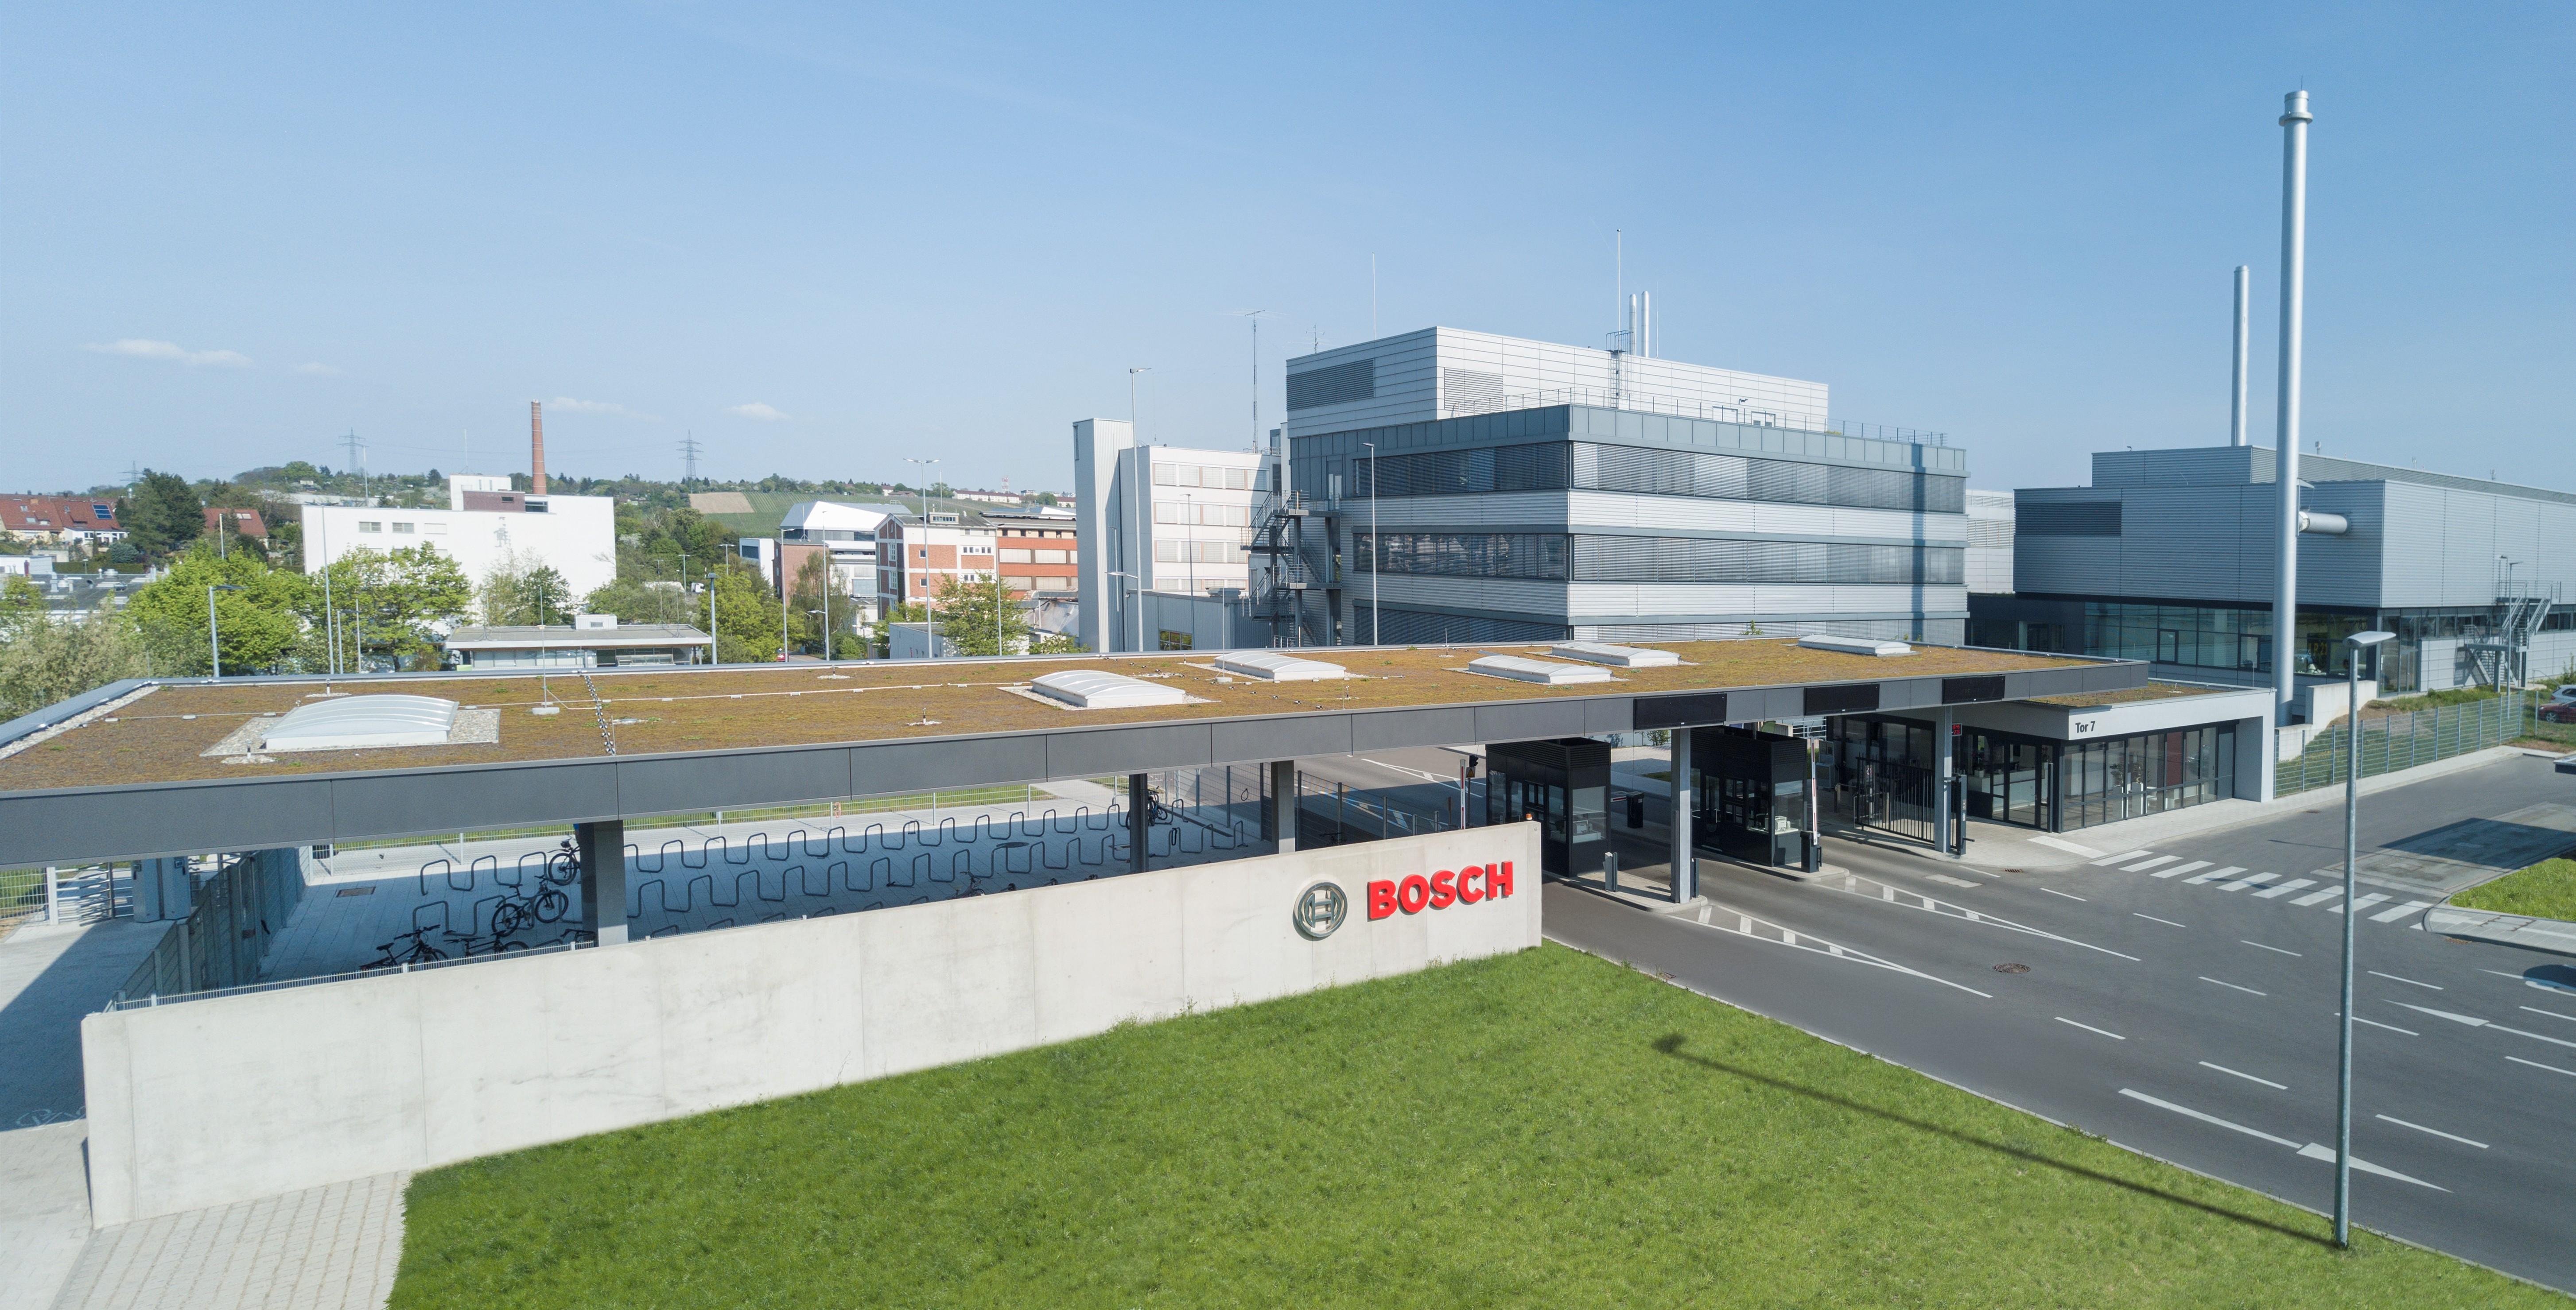 Závod Bosch ve Feuerbachu